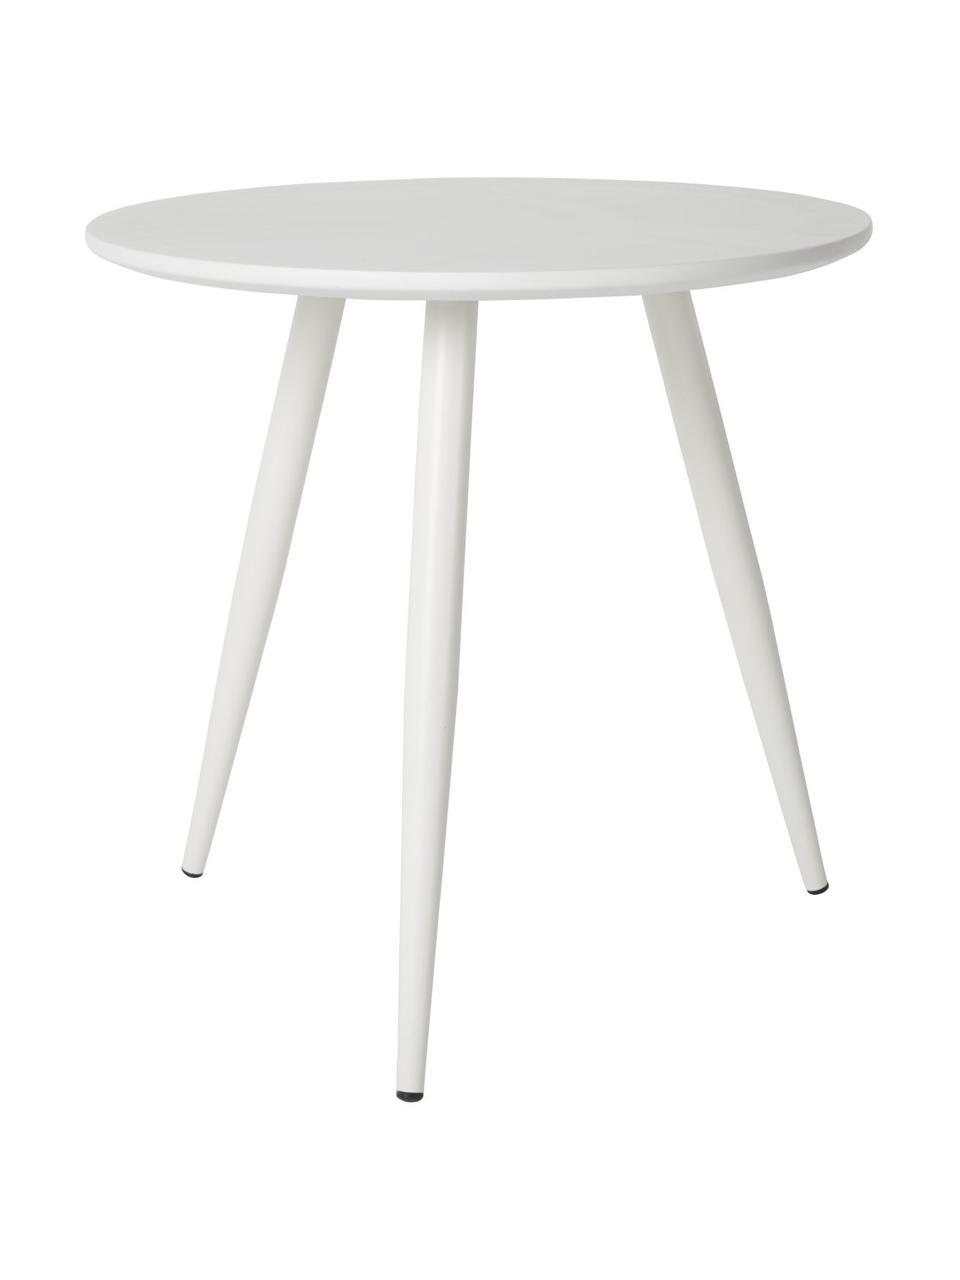 Bijzettafelset Daven in wit, 2-delig, Tafelblad: PU-gelakt MDF, Poten: gepoedercoat metaal, Wit, Set met verschillende formaten